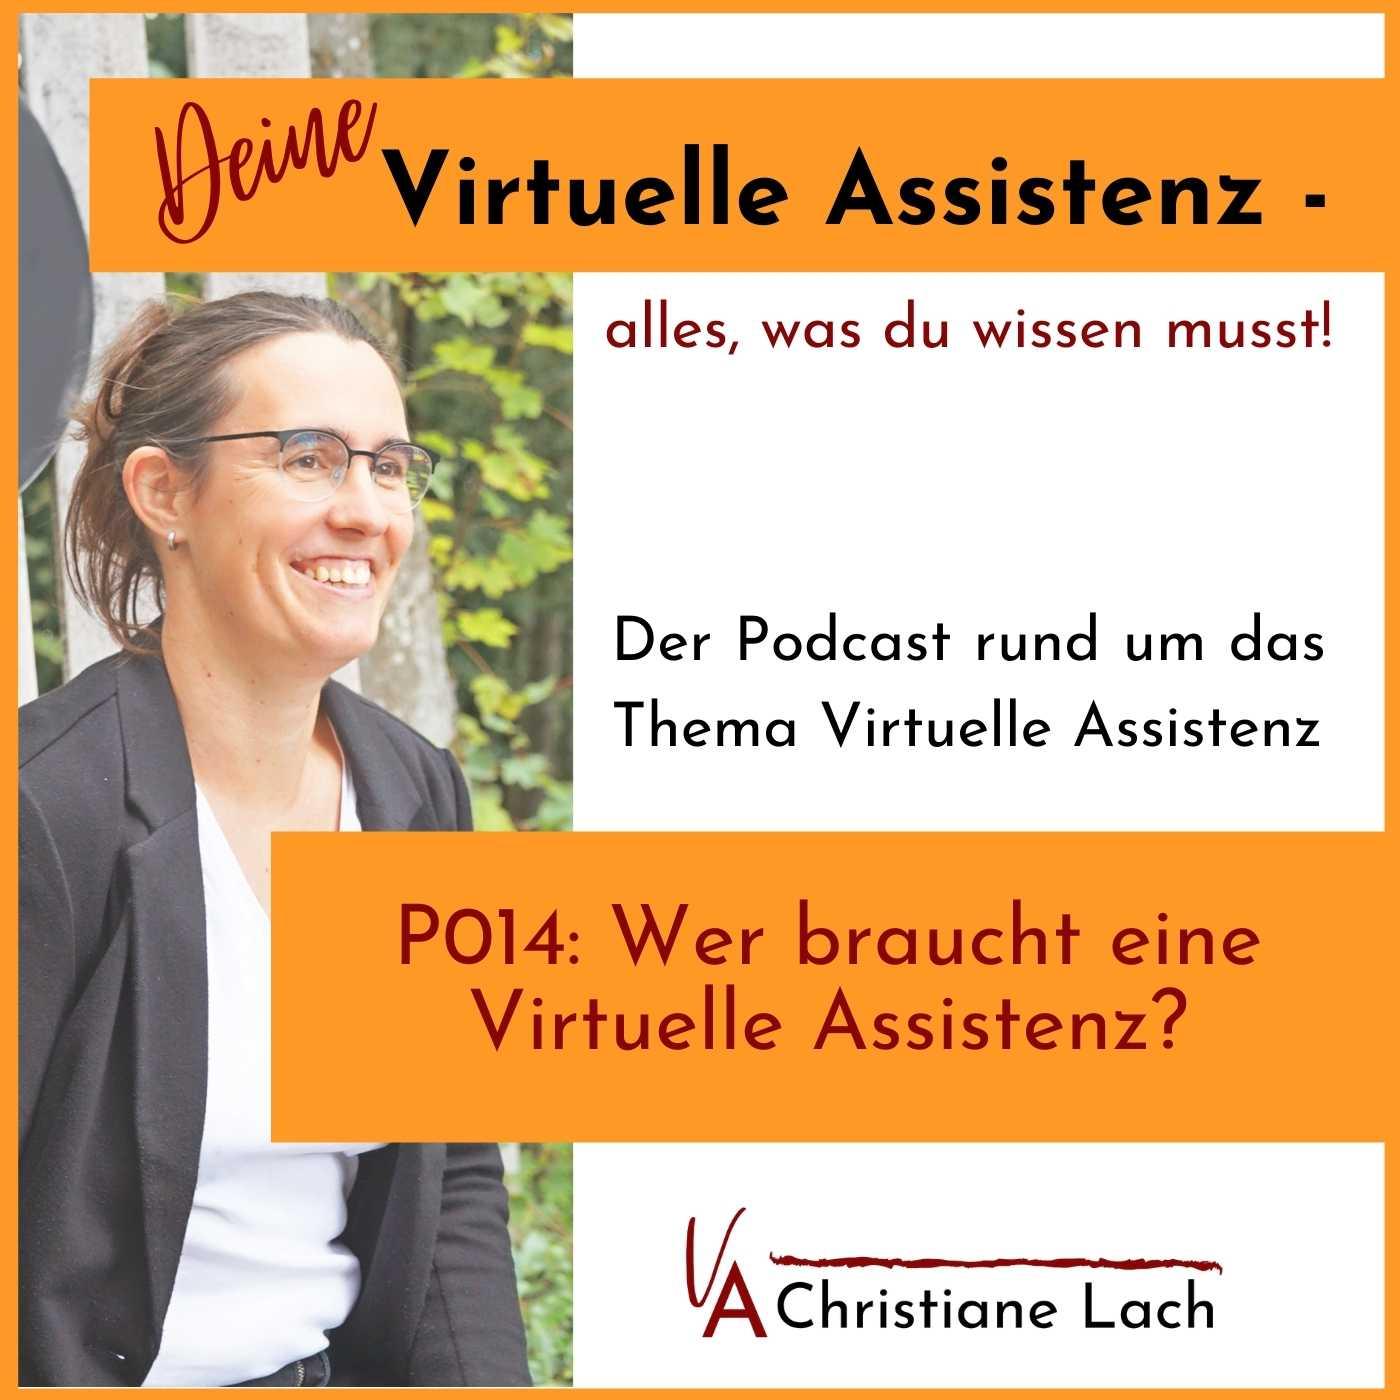 P014: Wer braucht eine Virtuelle Assistenz?